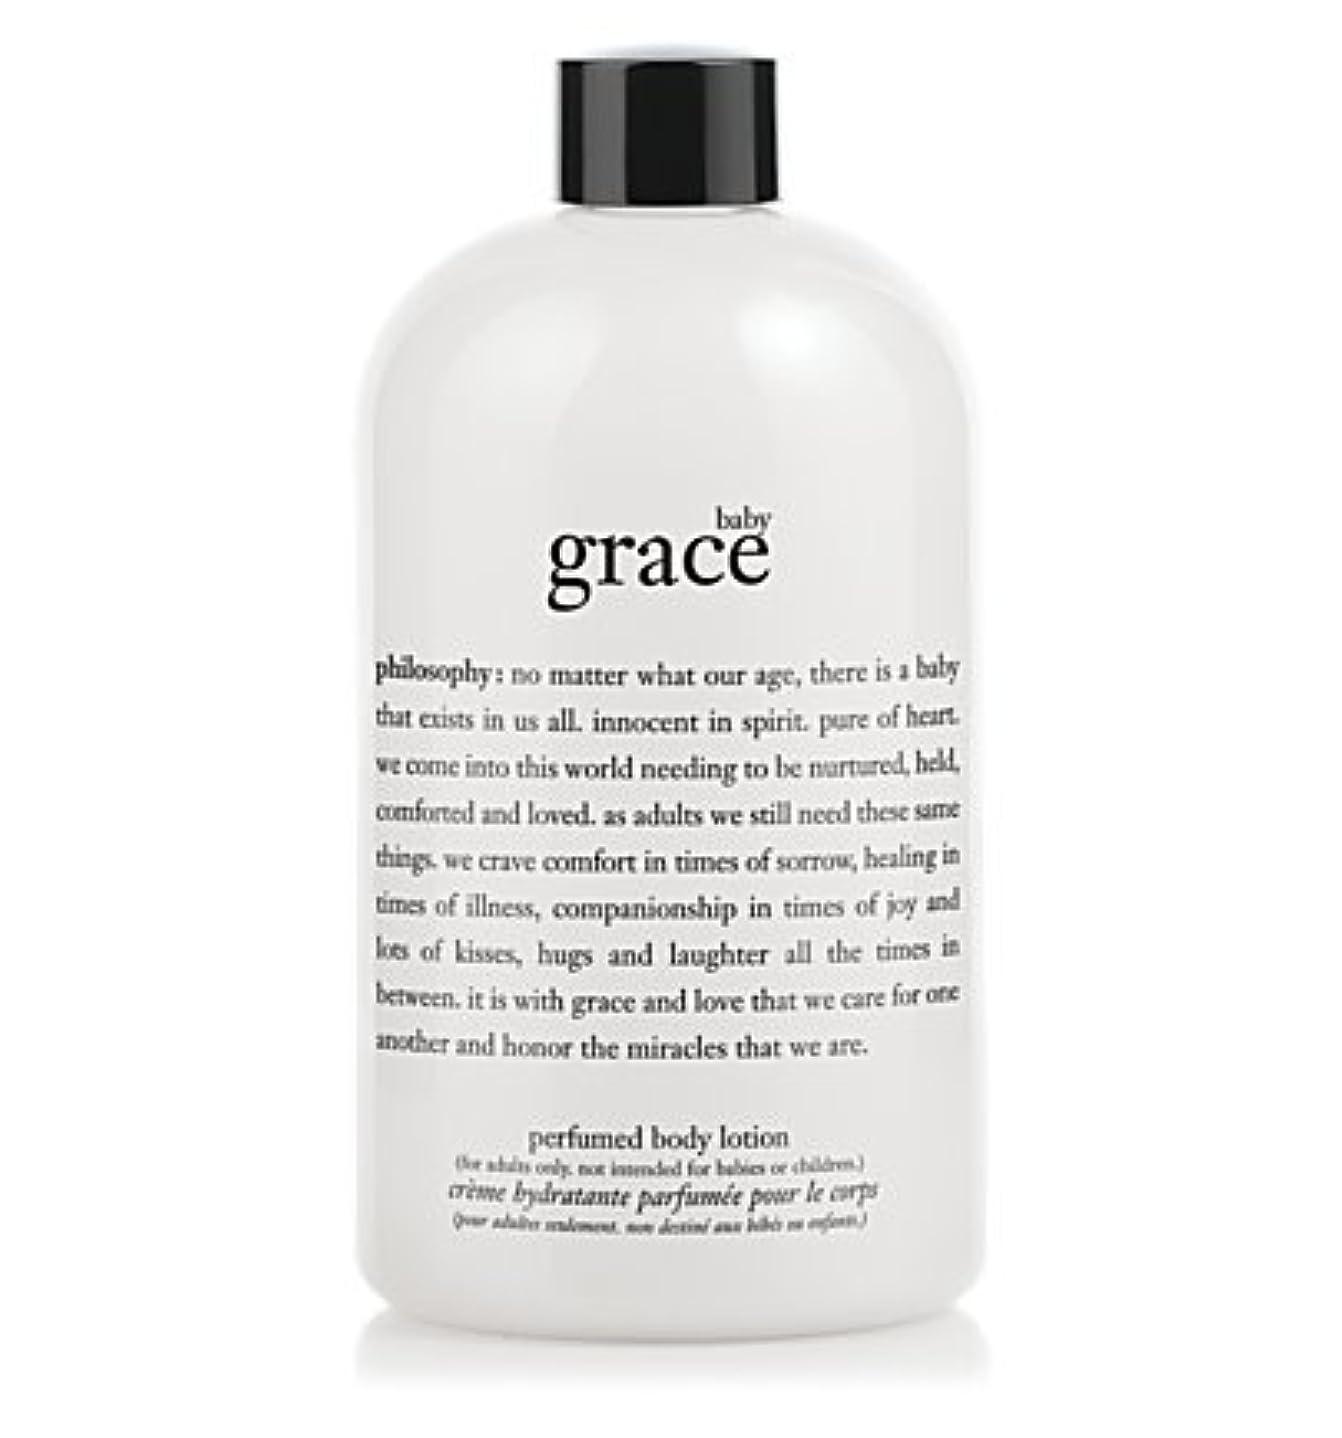 メロディー電報うるさいbaby grace (ベビーグレイス ) 16.0 oz (480 ml) perfumed body lotion for Women